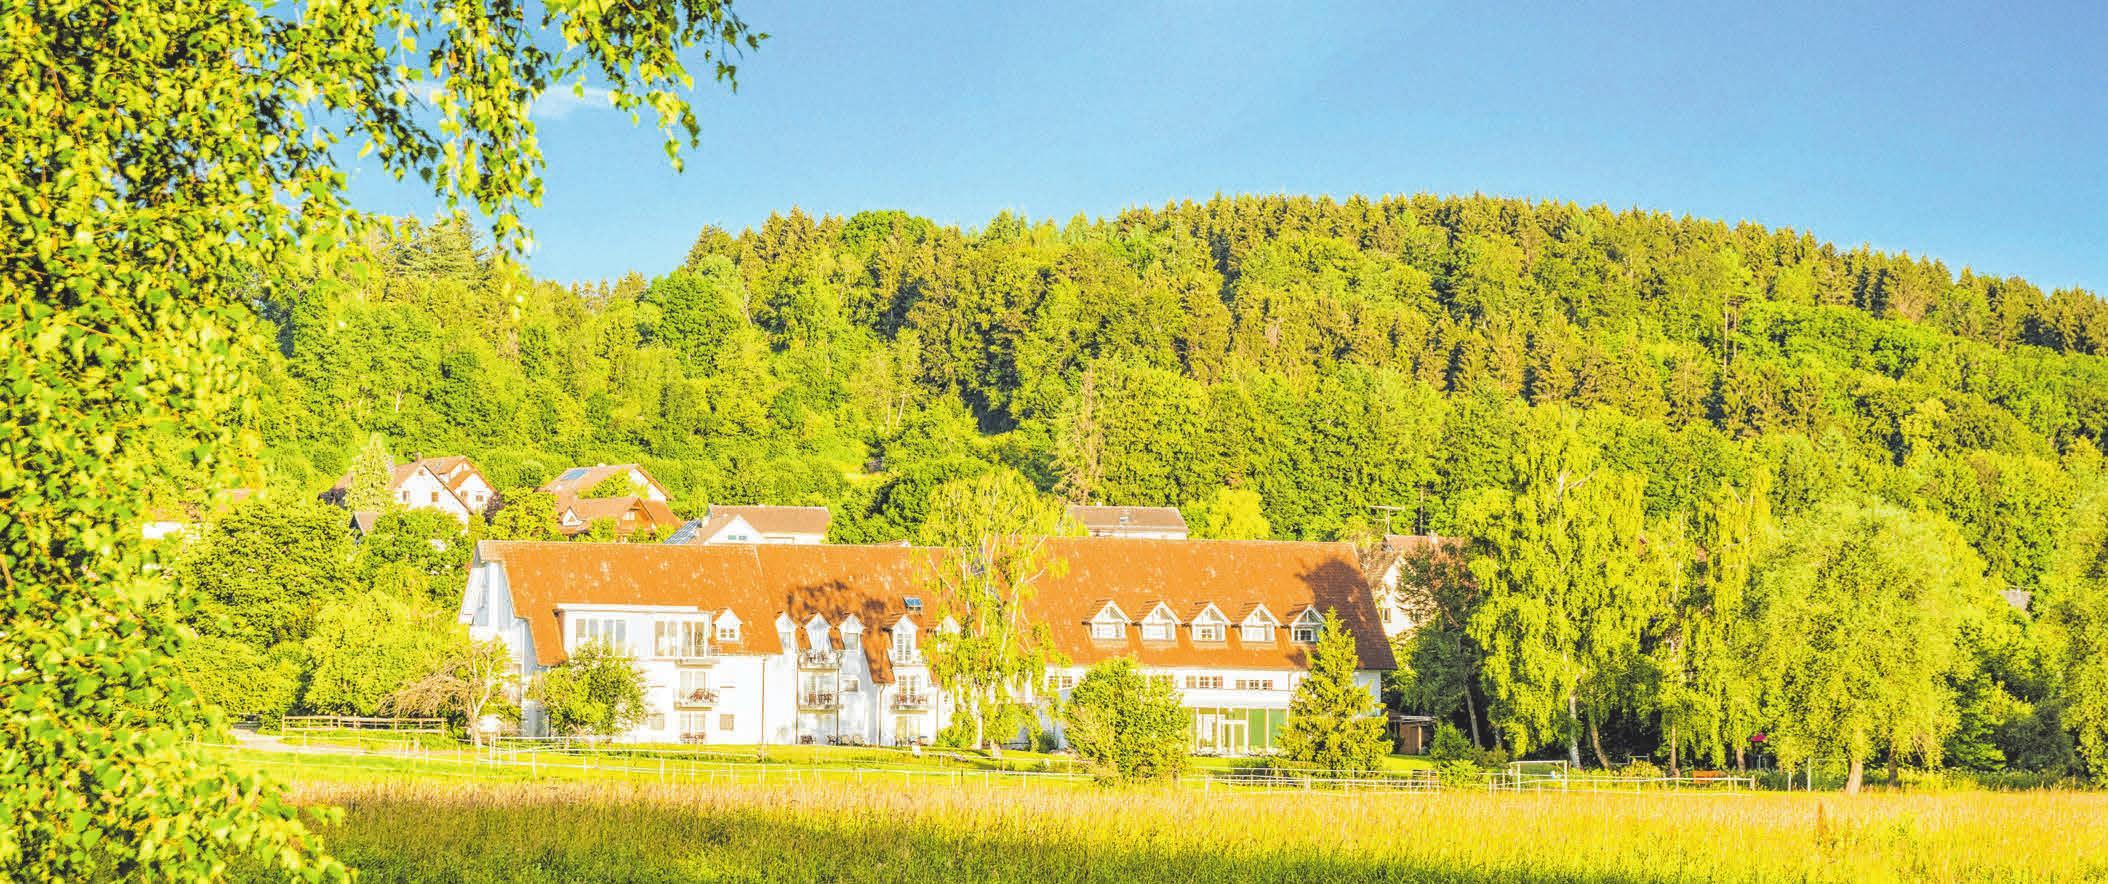 Das Landhotel Alte Mühle in Ostrach-Waldbeuren liegt idyllisch mitten in der Natur.